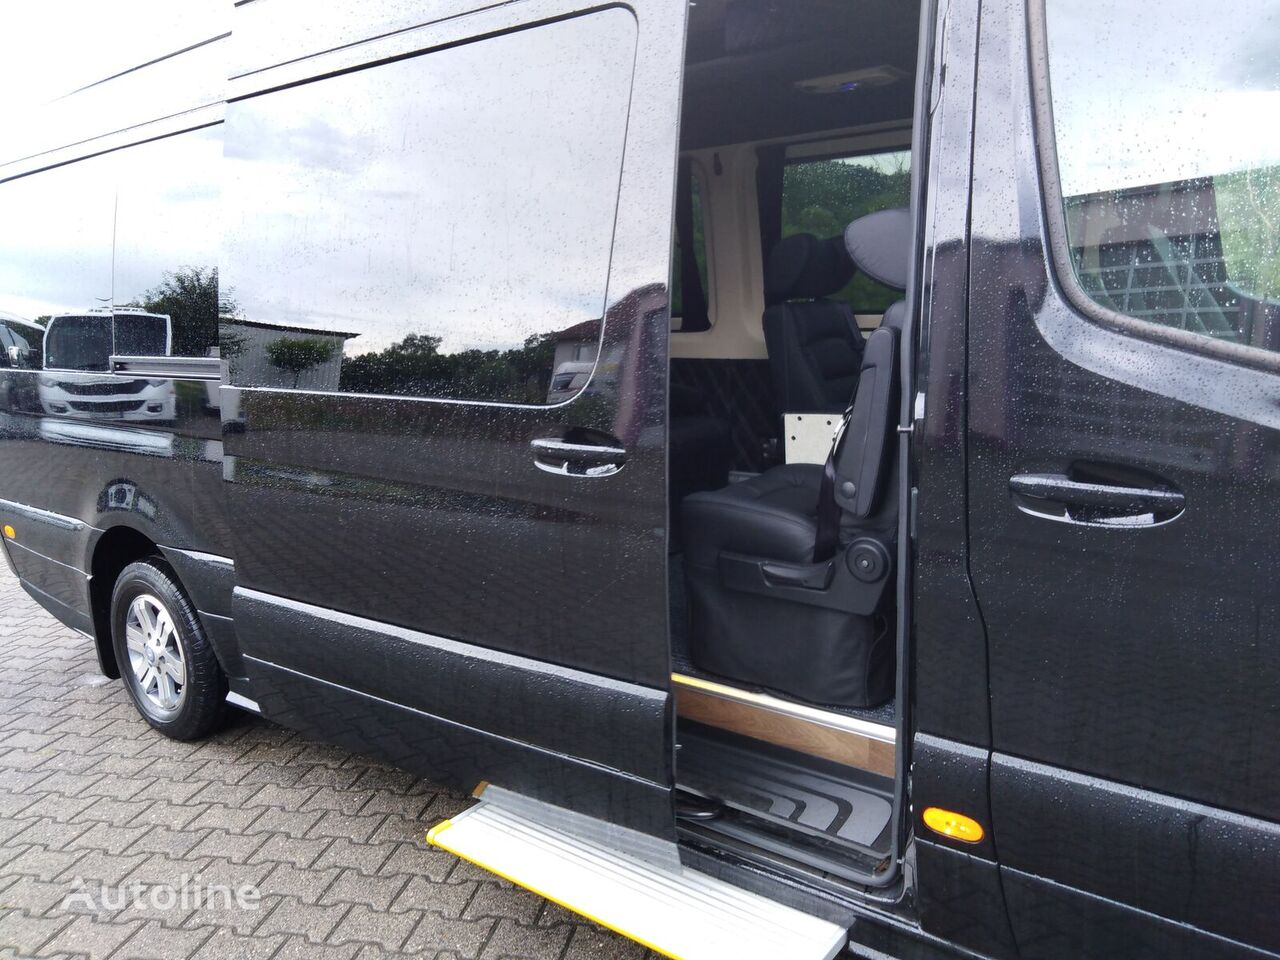 MERCEDES-BENZ 02 Sprinter 319CDI Autom.9 x SS,DVD,KombiVIP 5,5cbm Gepäckr. Lan autobús de turismo